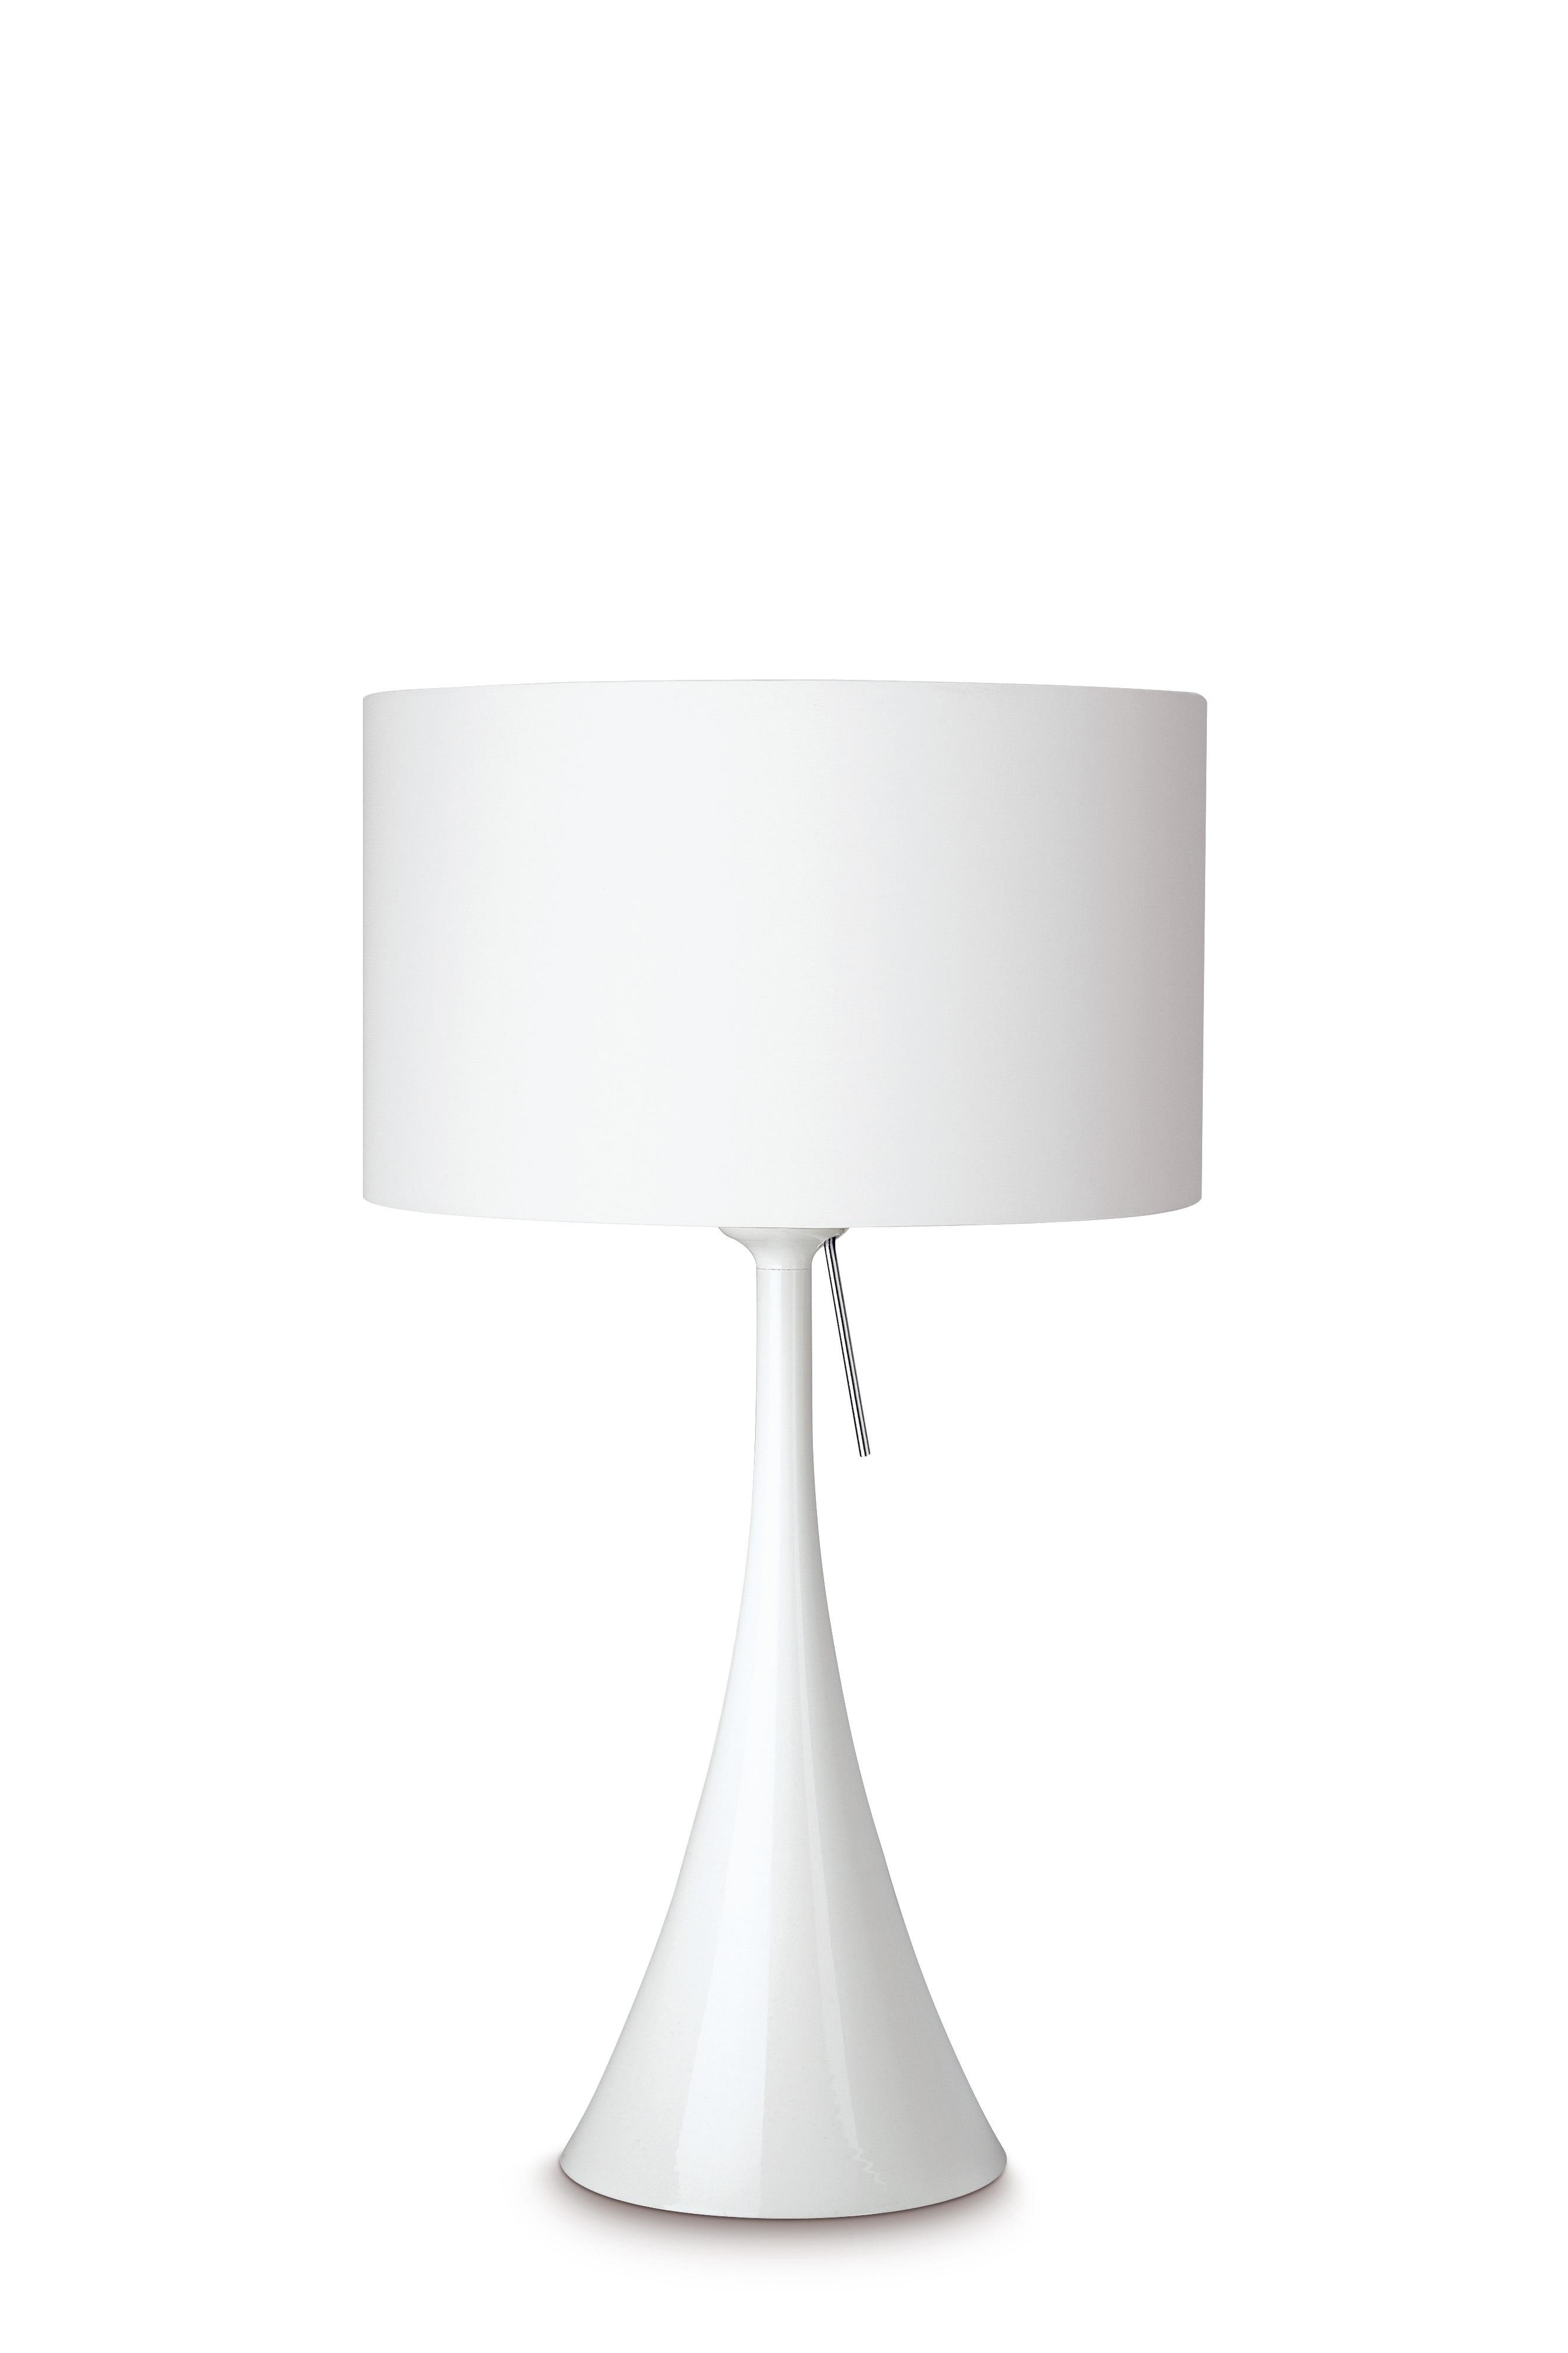 die dekorative leuchtenkollektion myliving von philips. Black Bedroom Furniture Sets. Home Design Ideas